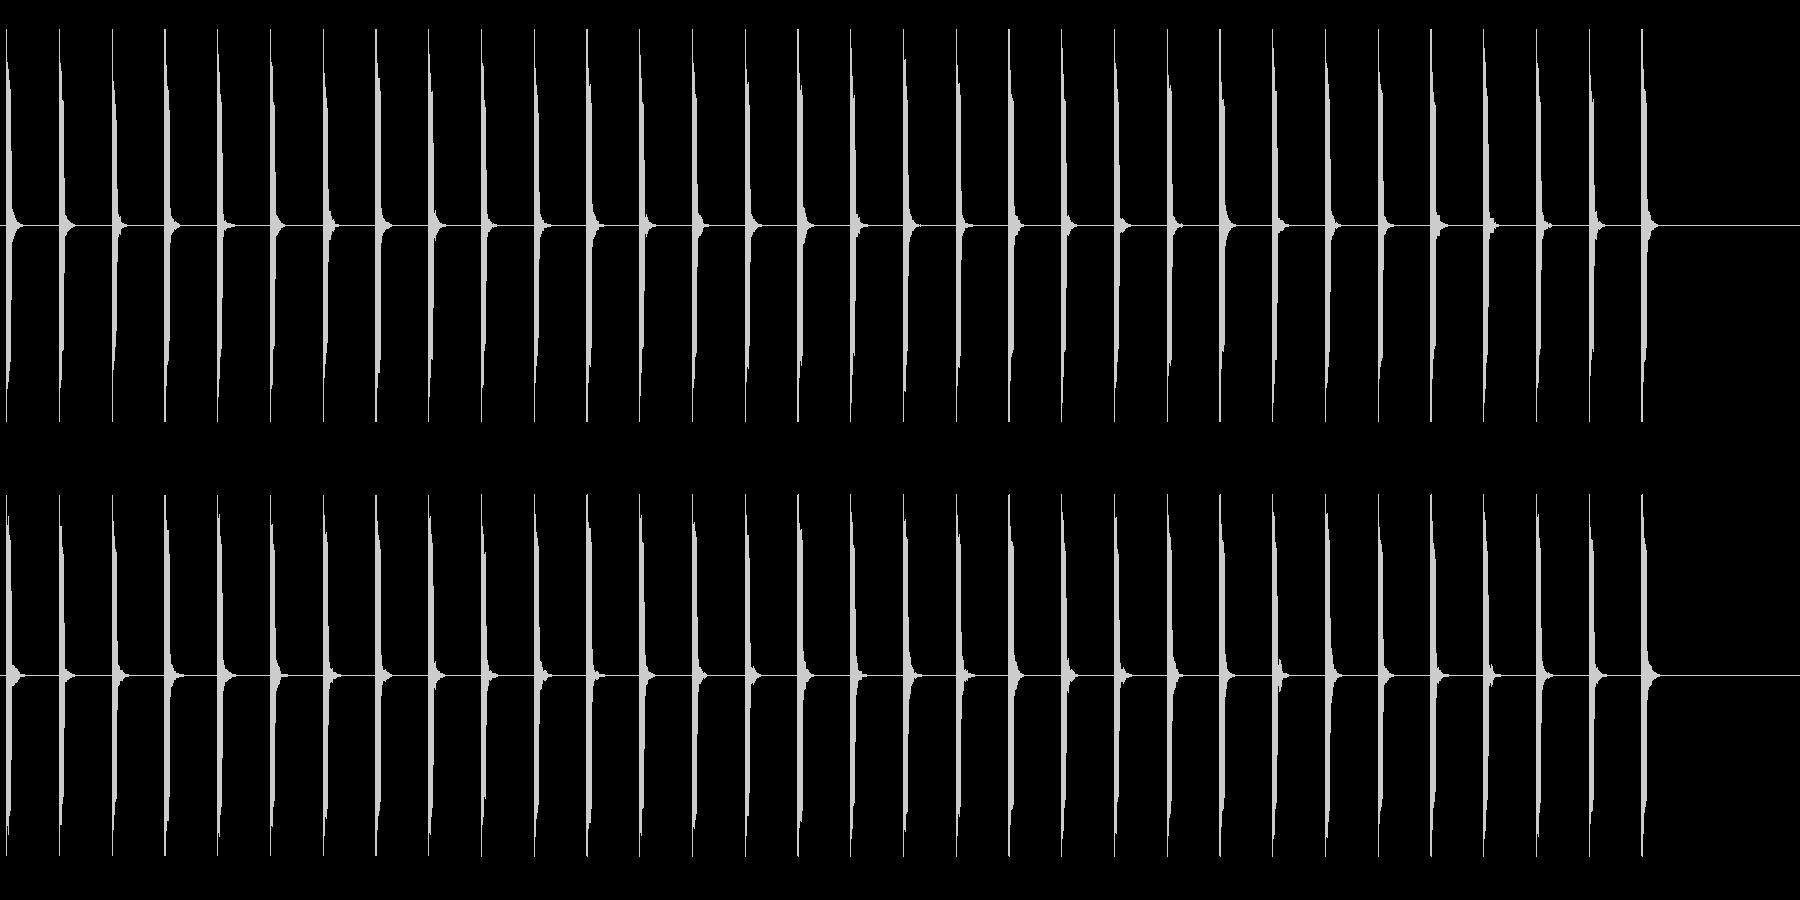 心電図の音-4-1(BPM40)の未再生の波形